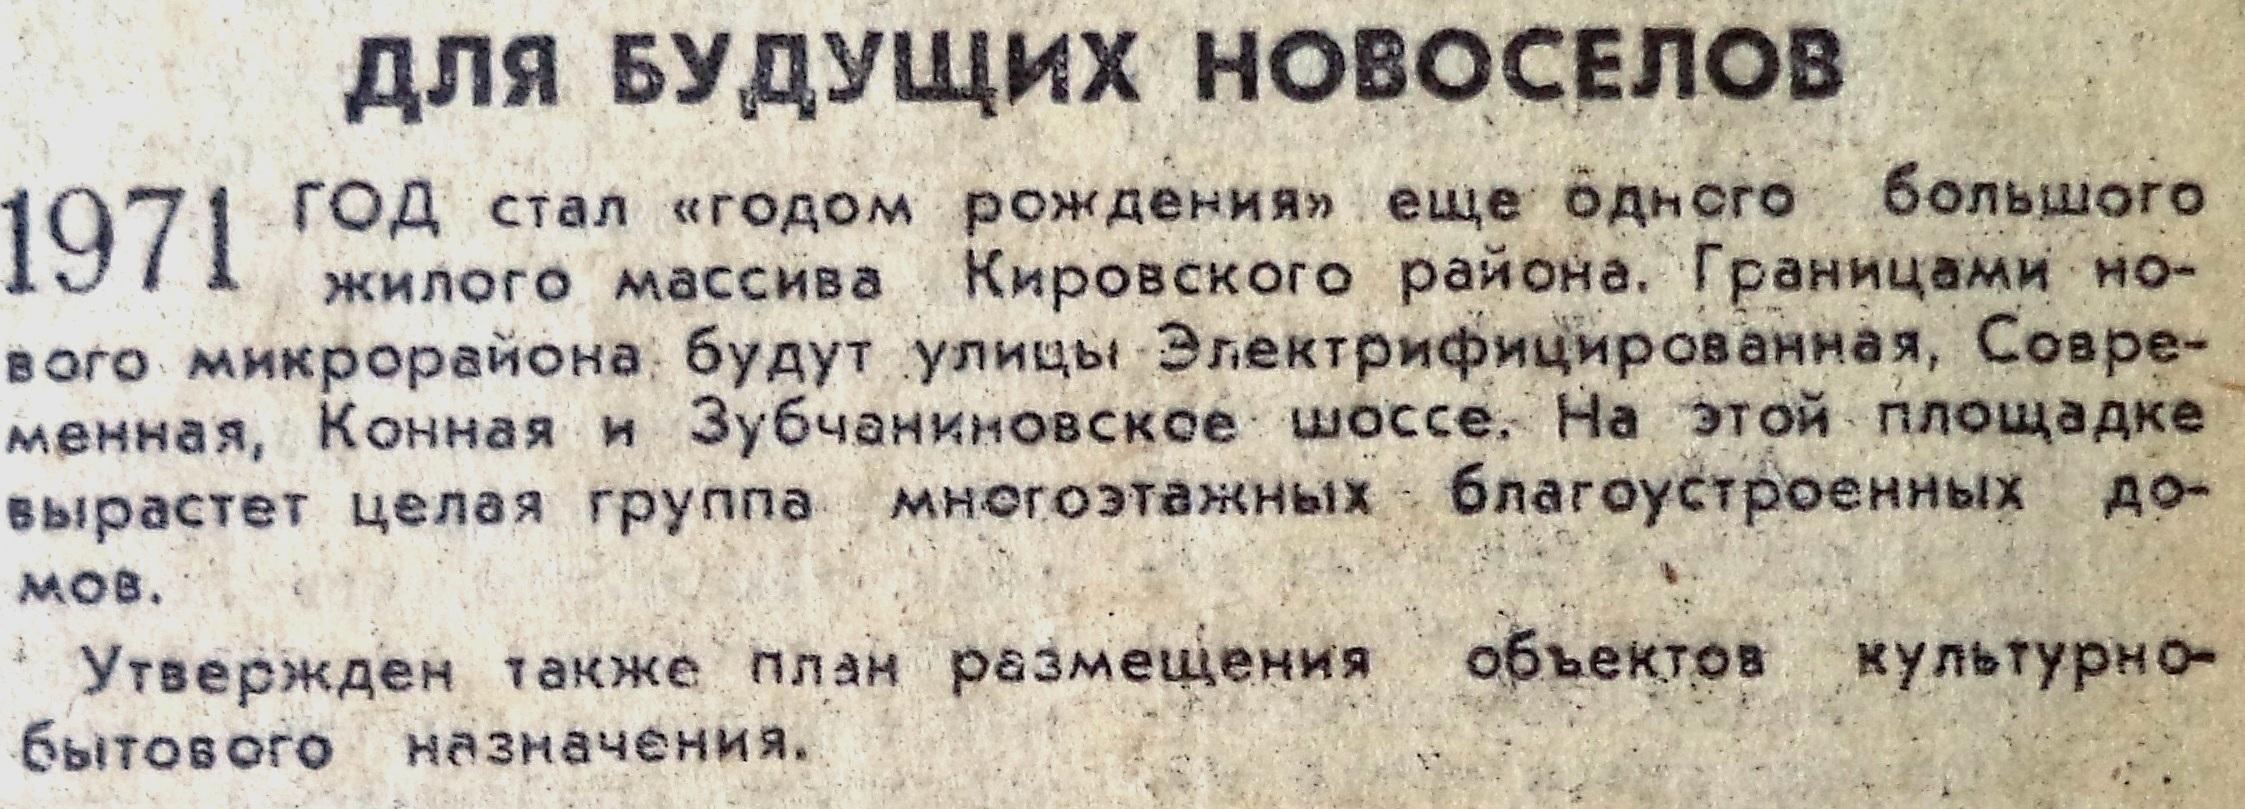 Зубчаниновское-ФОТО-25-ВЗя-1971-09-06-о Негритянском